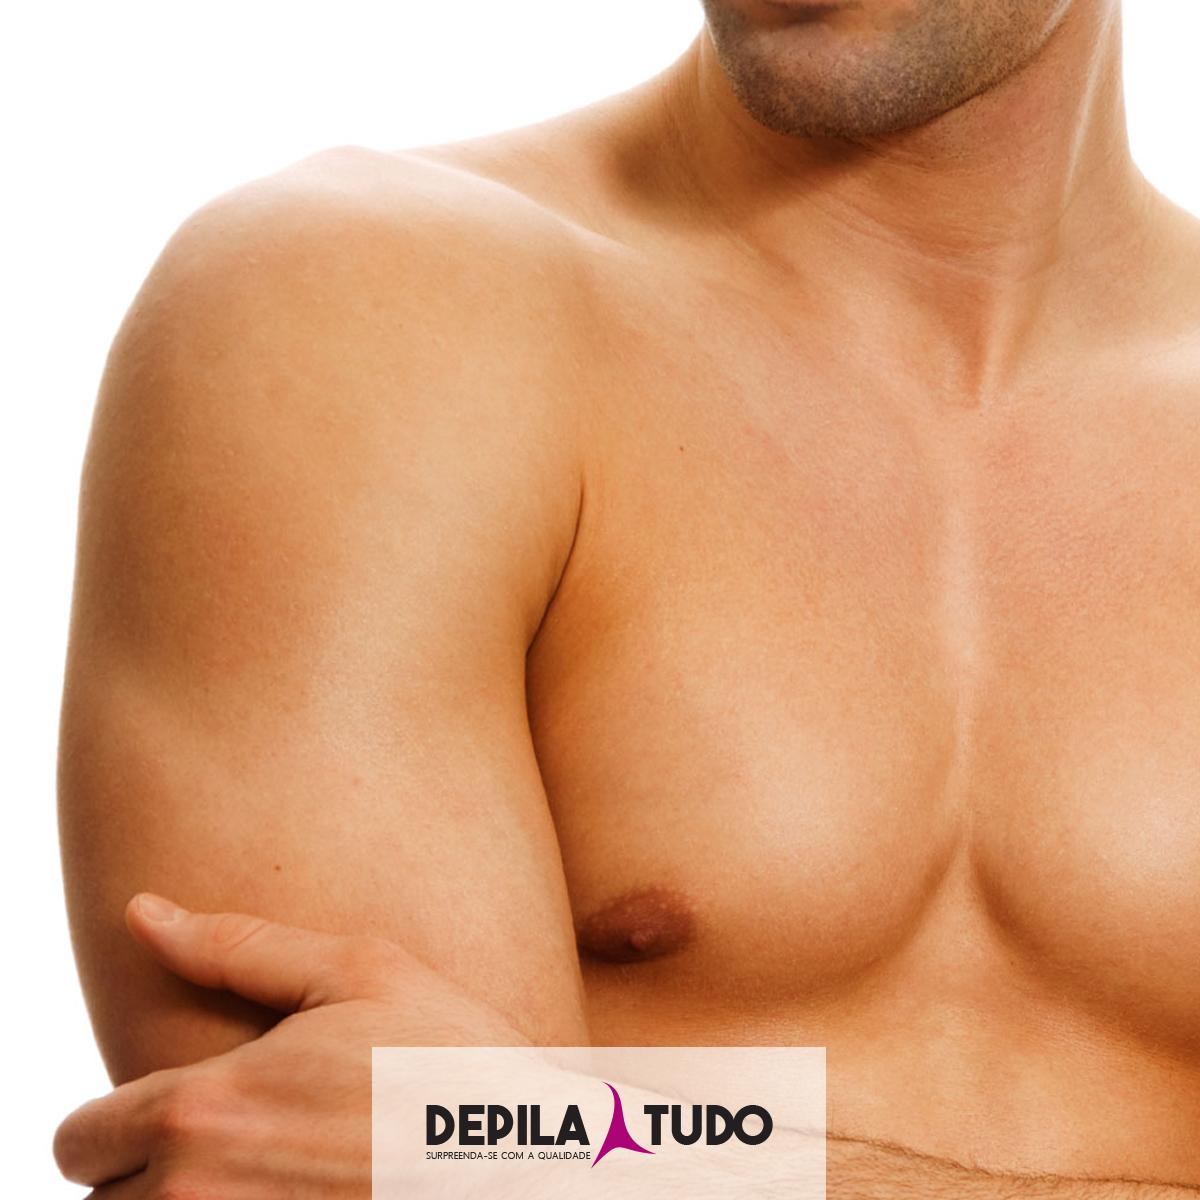 Dicas-e-cuidados-básicos-para-Depilação-masculina-íntima-depila-tudo (1)